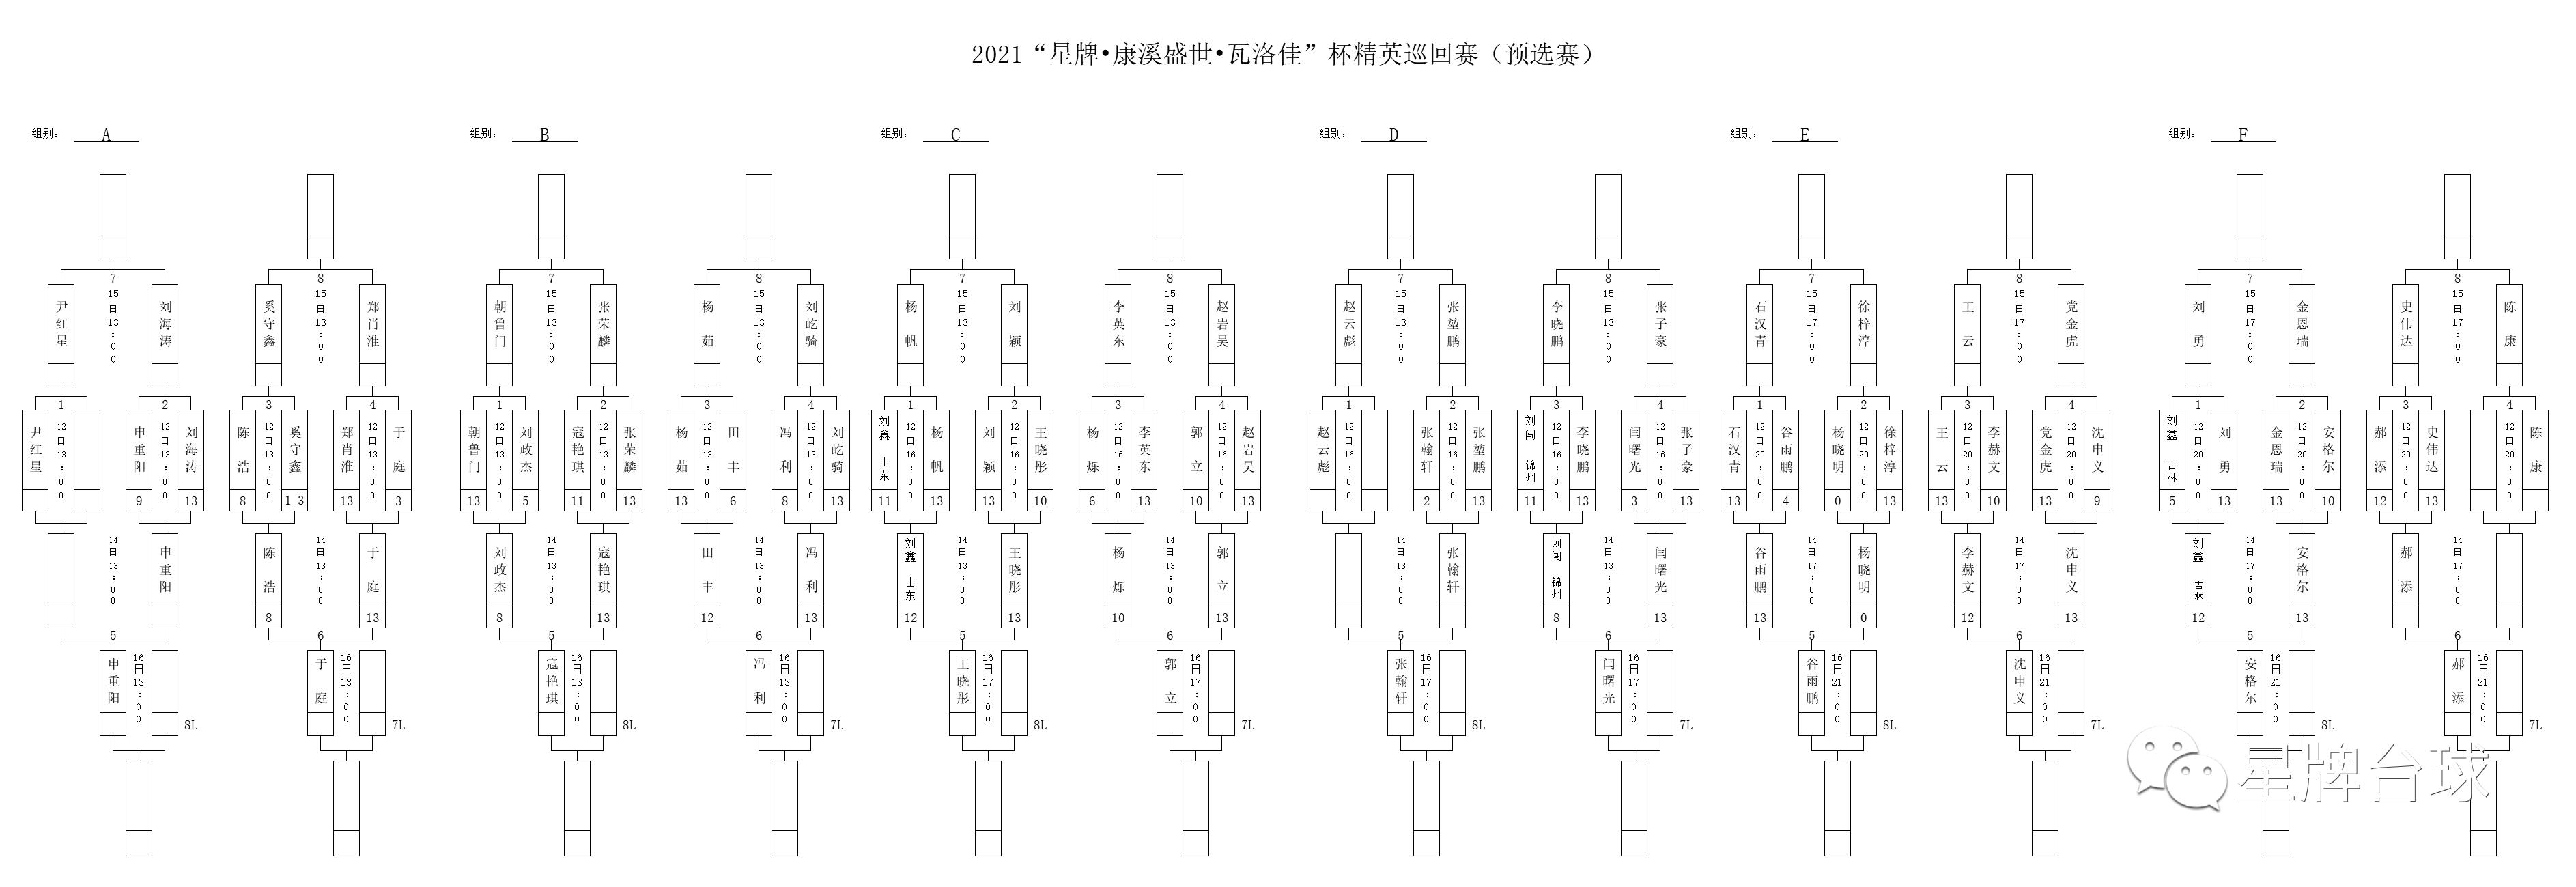 【精英巡回赛预选赛】王晓彤赢下性别大战 李赫文遗憾止步